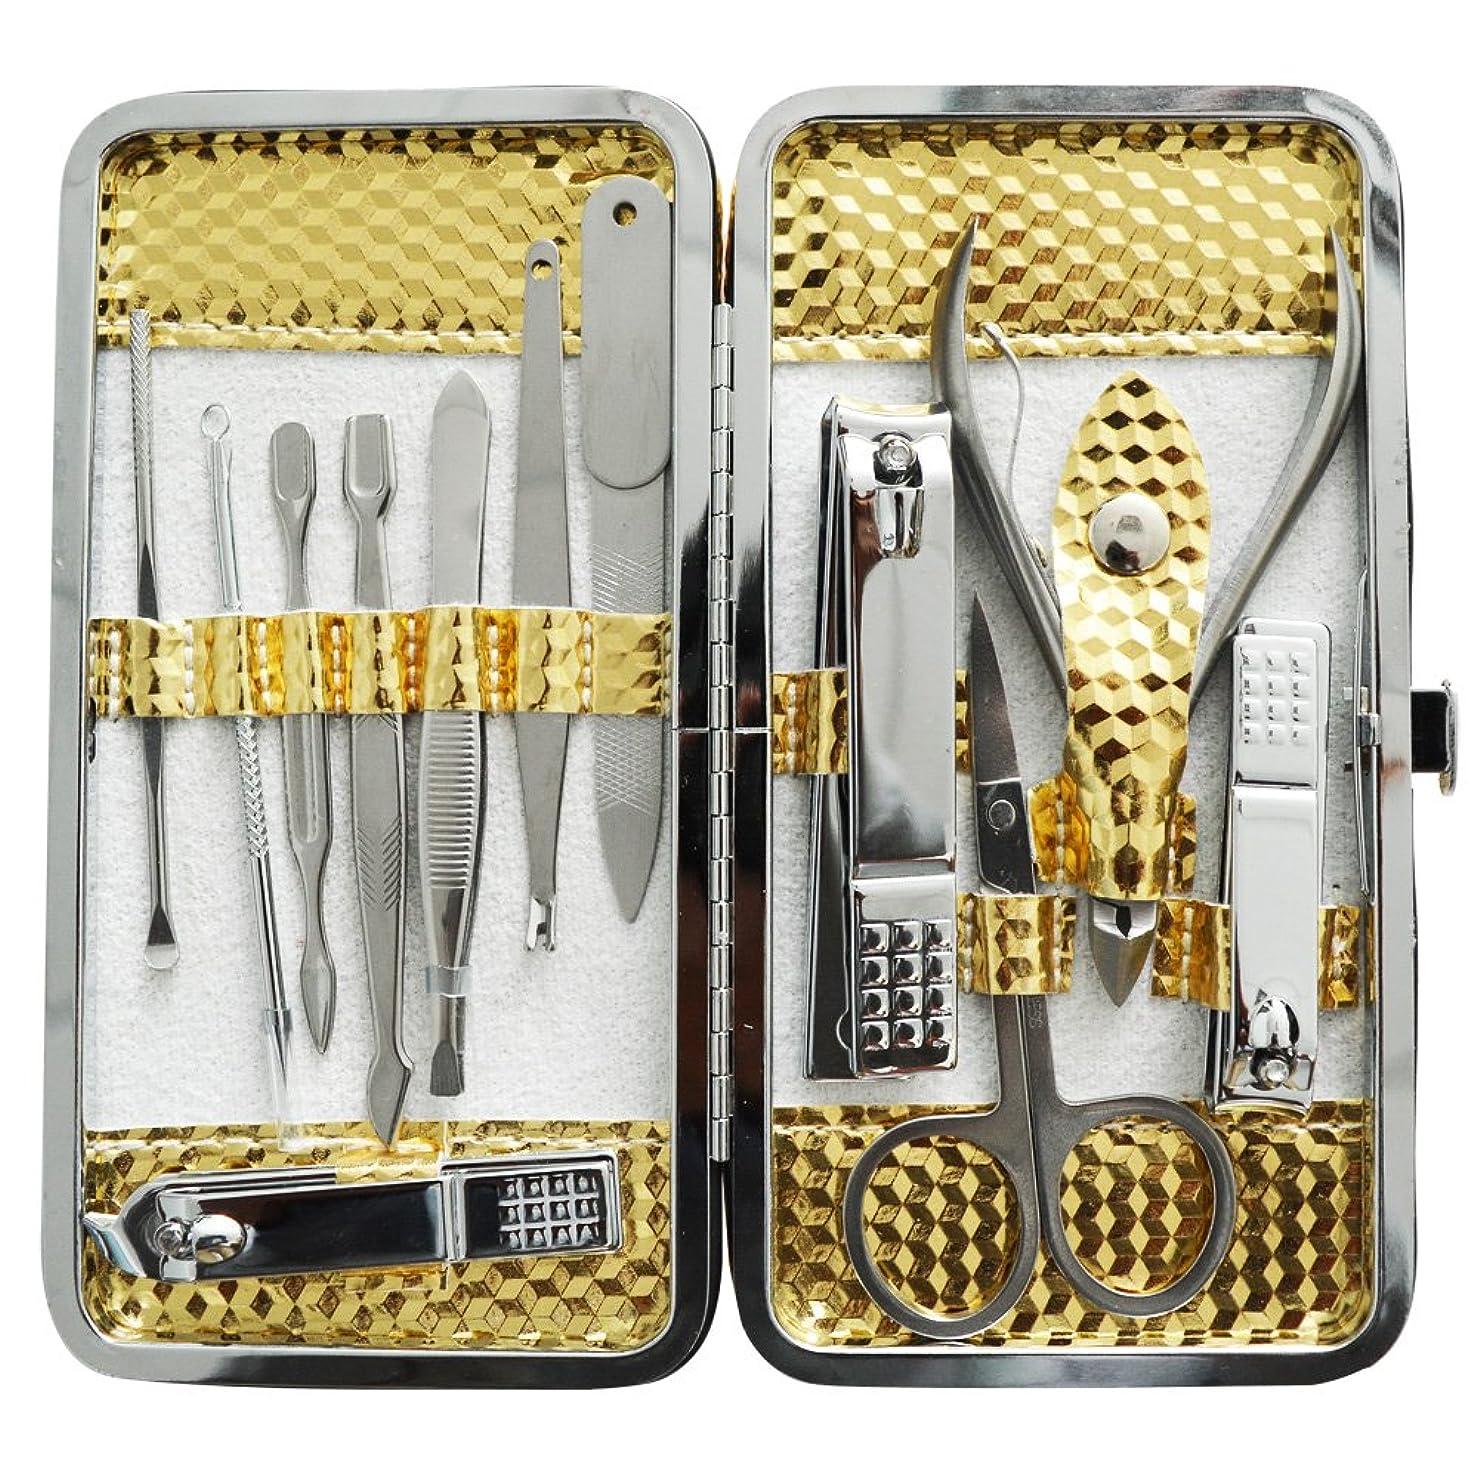 開梱美徳稚魚爪切りセット 耳掃除機 12枚はさみ、キューティクルをトリマー、耳かき、ナイフ